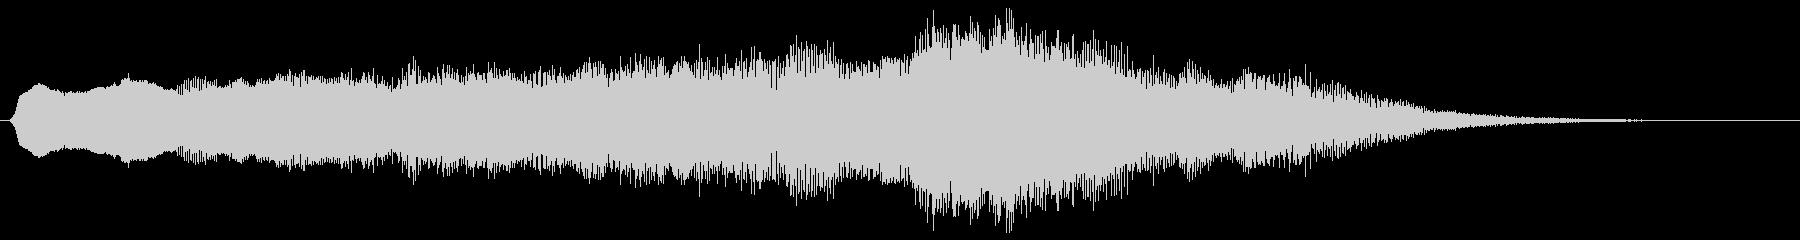 電子シンセ:ソフトミュージカルステ...の未再生の波形